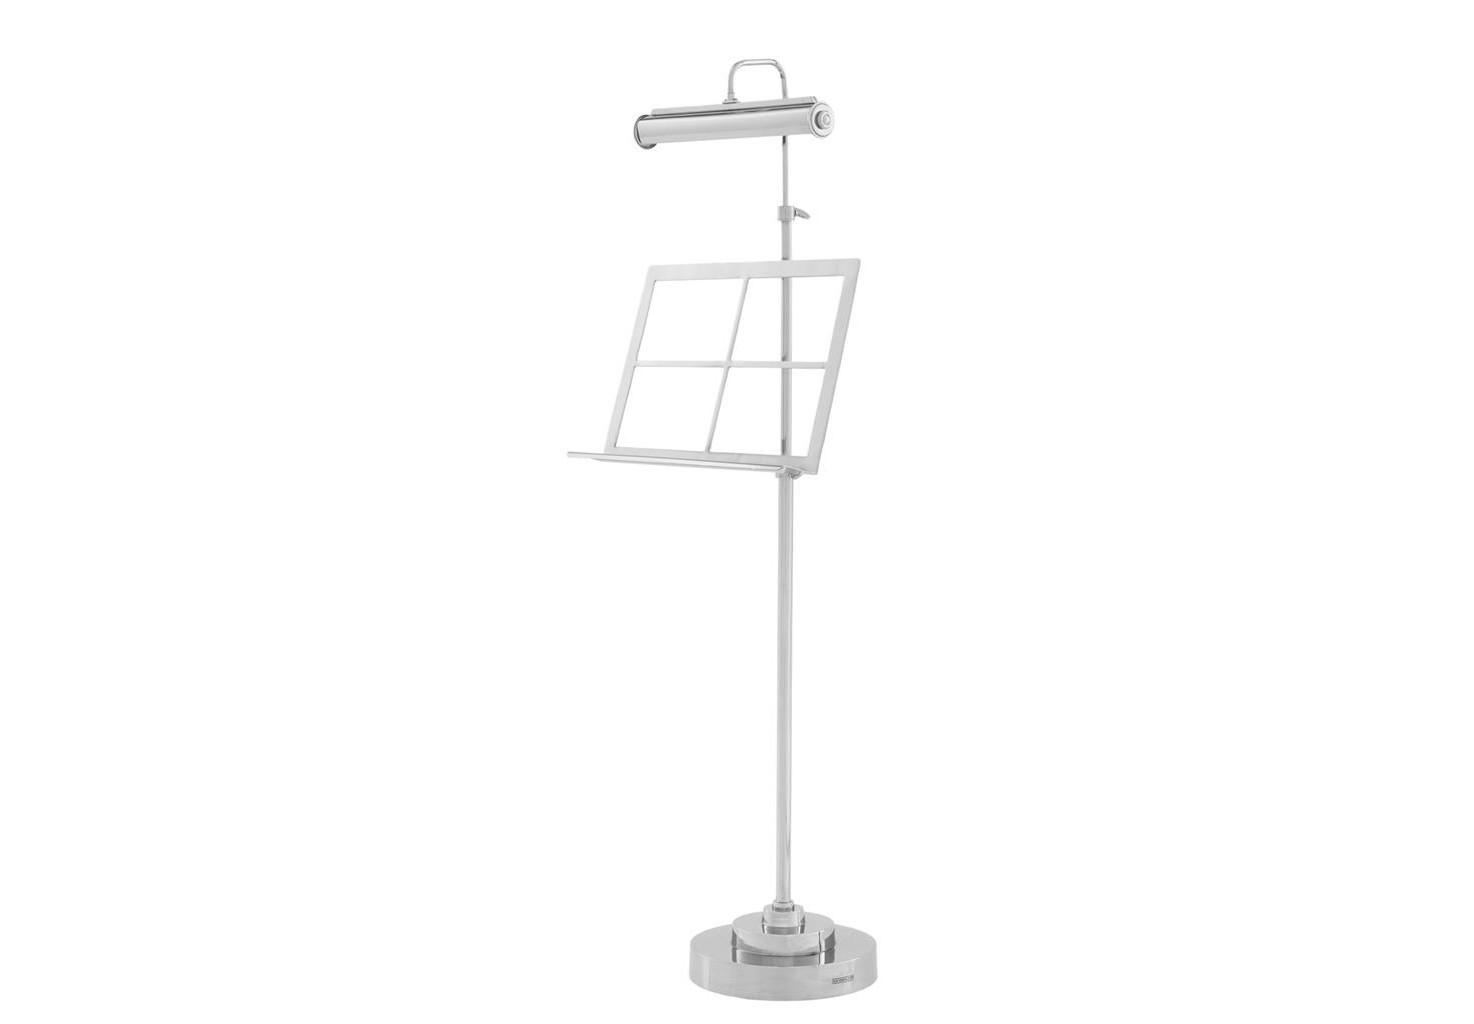 Настольная лампаДекоративные лампы<br>Лампа для рабочего стола c подставкой для книг Book Stand Higgins с регулируемой лампой. Выполнена из никелированного металла. Высота регулируется от 199 см до 167 см.&amp;lt;div&amp;gt;&amp;lt;br&amp;gt;&amp;lt;/div&amp;gt;&amp;lt;div&amp;gt;&amp;lt;div&amp;gt;Тип цоколя: E14&amp;lt;/div&amp;gt;&amp;lt;div&amp;gt;Мощность: 40W&amp;lt;/div&amp;gt;&amp;lt;div&amp;gt;Кол-во ламп: 2 (нет в комплекте)&amp;lt;/div&amp;gt;&amp;lt;/div&amp;gt;<br><br>Material: Металл<br>Ширина см: 36<br>Высота см: 167<br>Глубина см: 25